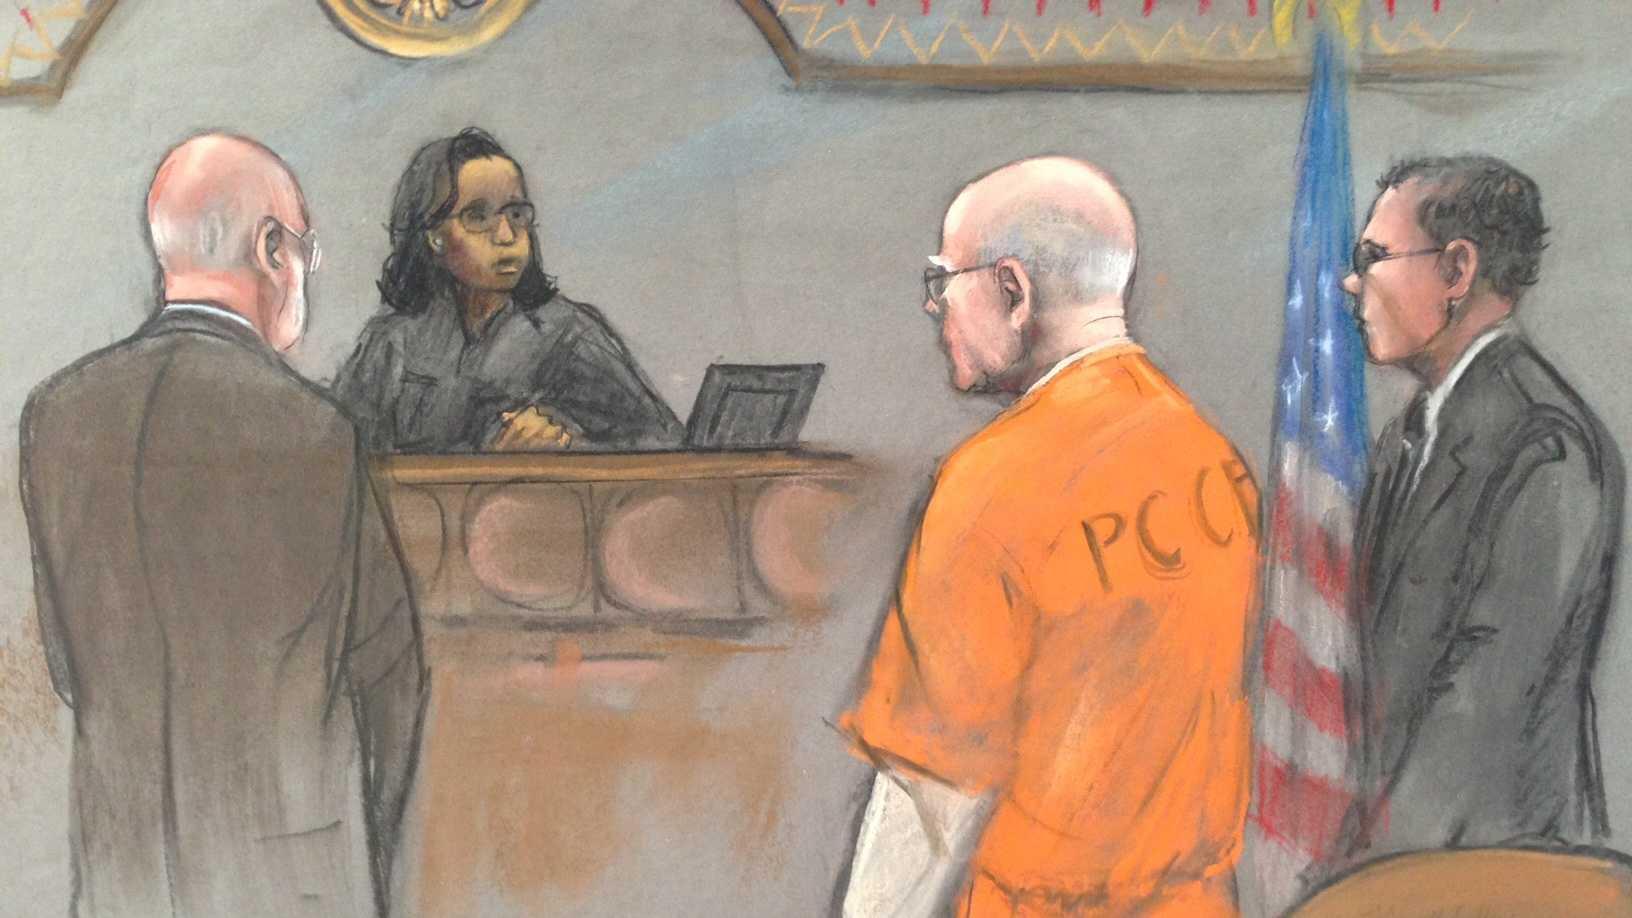 Bulger sentencing sketch